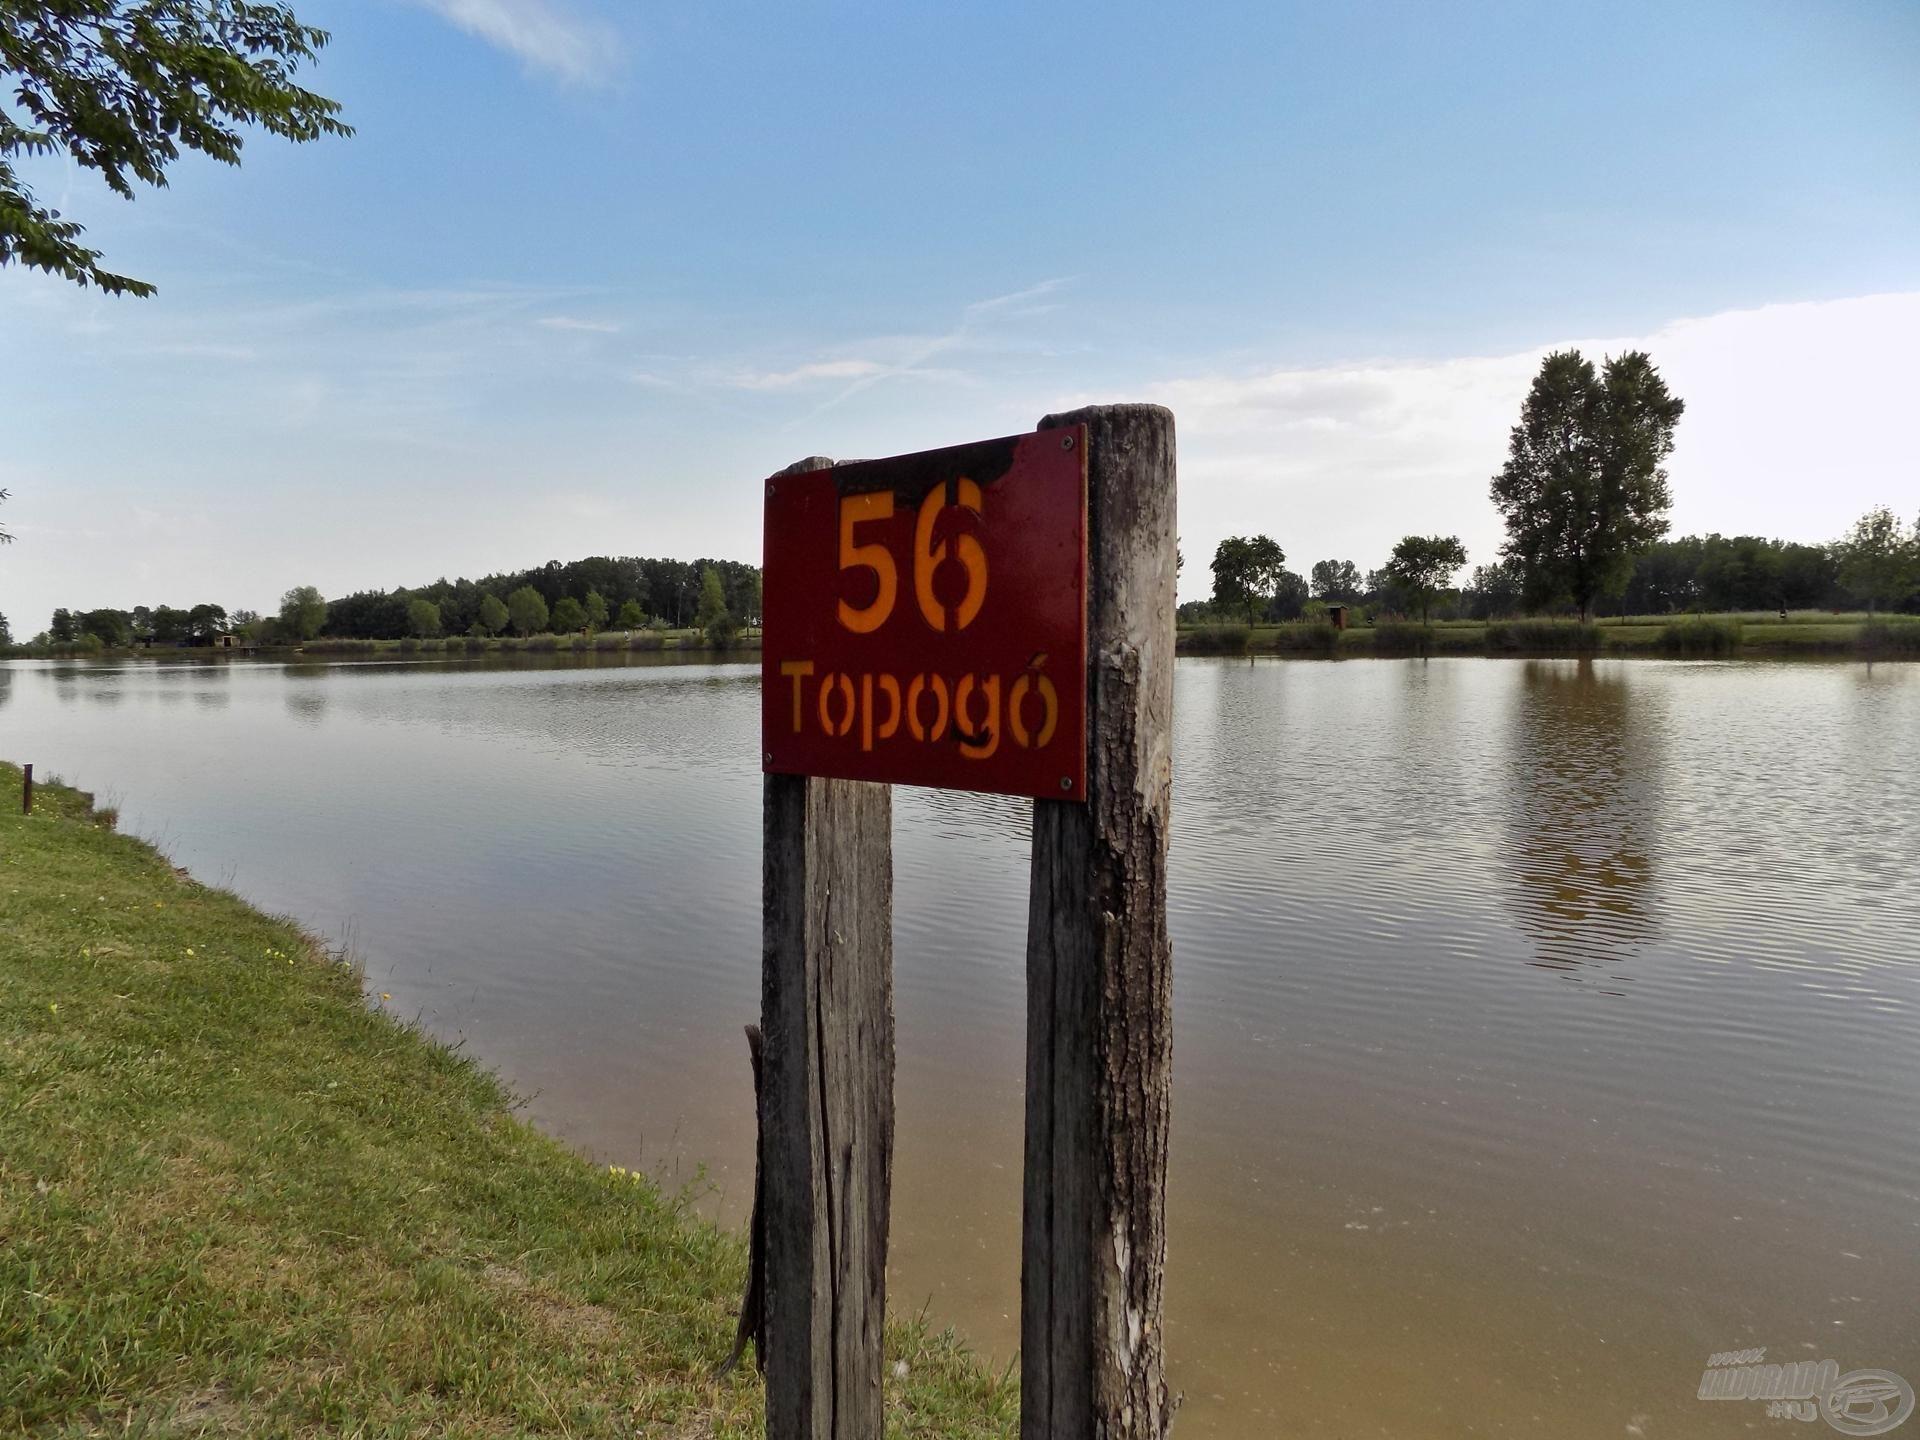 Tikkasztó meleg, üres horgászhelyek. A délutáni órákban érkeztem a tóra, és a helyválasztásom ezúttal a tó hátsó részében található, 56-os számú helyre esett